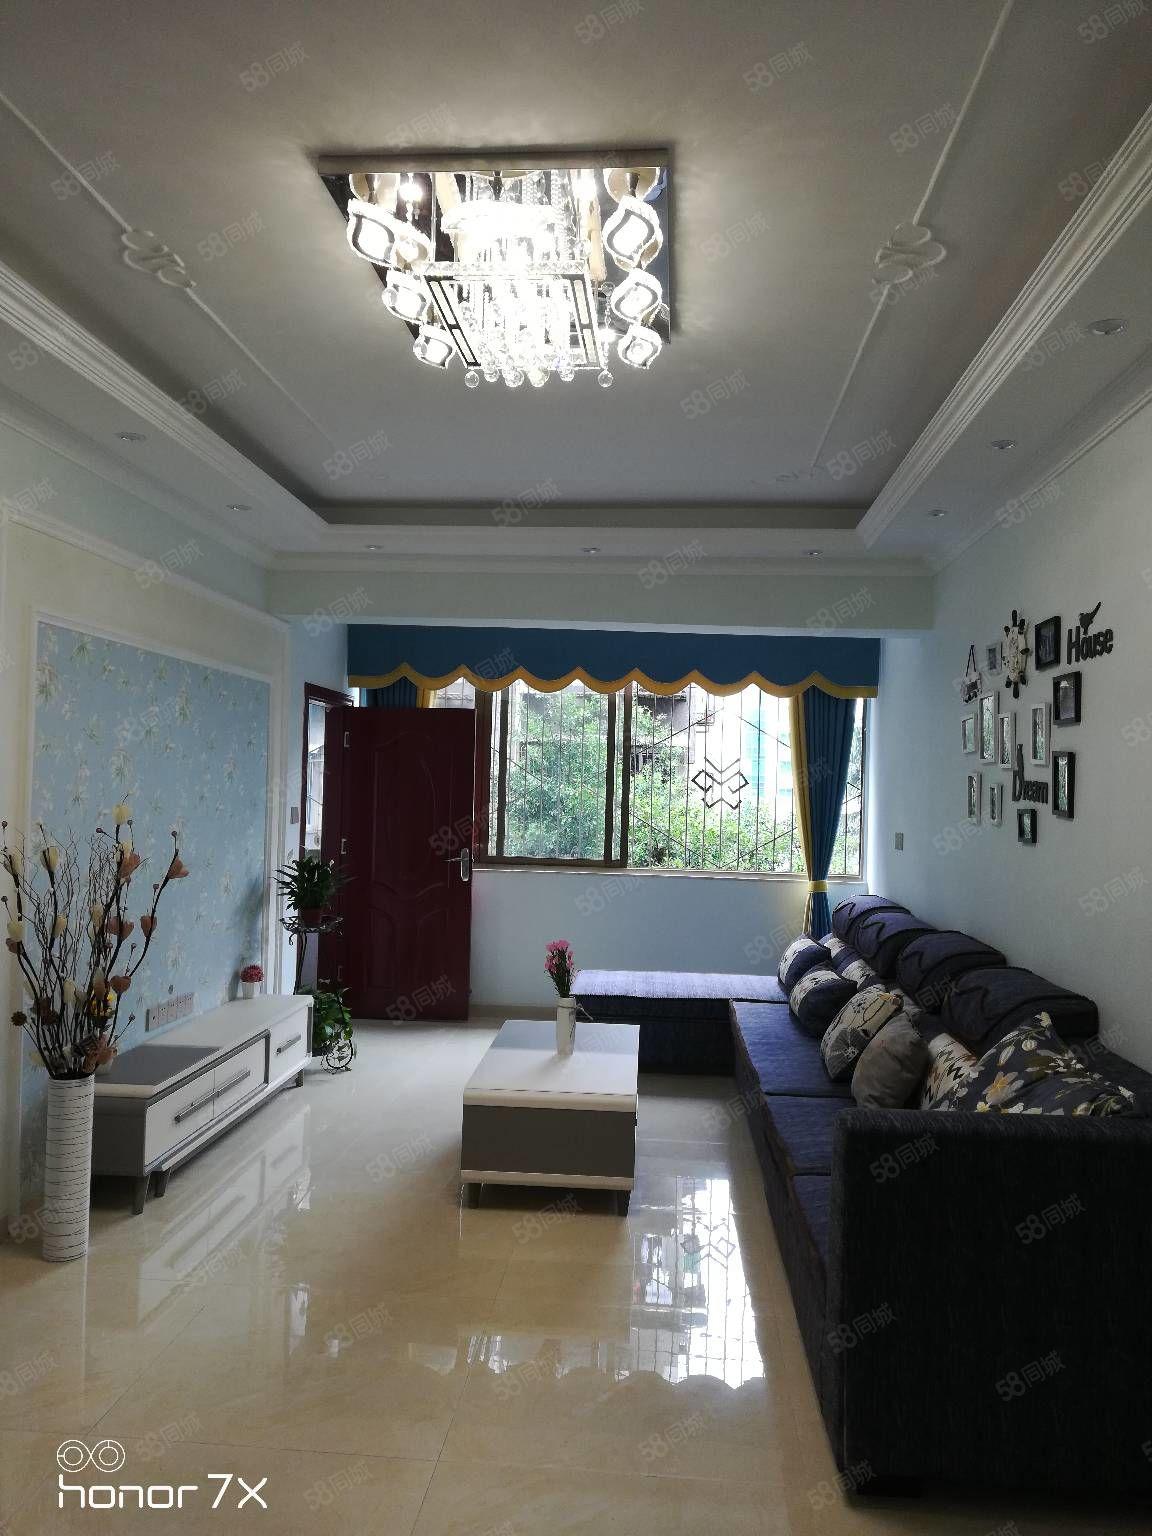 三好房,每个房间采光好,位置好,楼层好,价格漂亮,精装三室